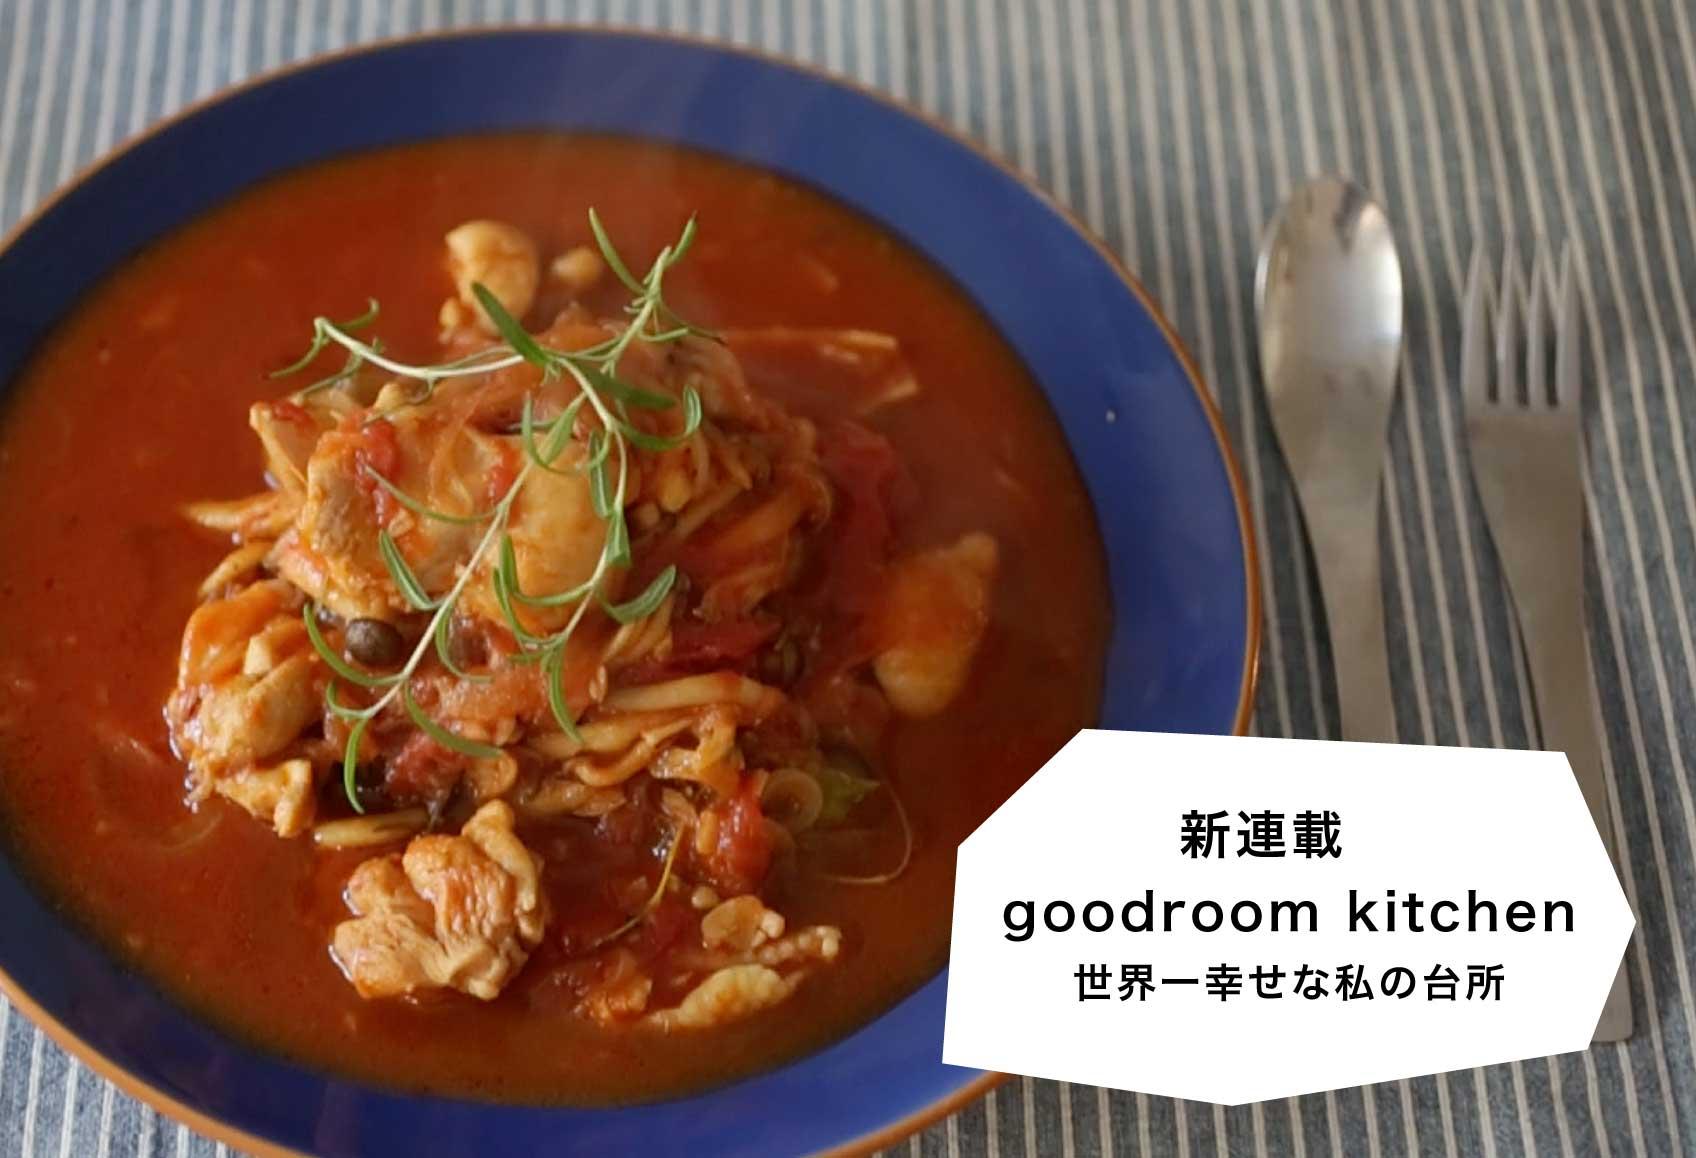 新連載 goodroom kitchen Vol.1